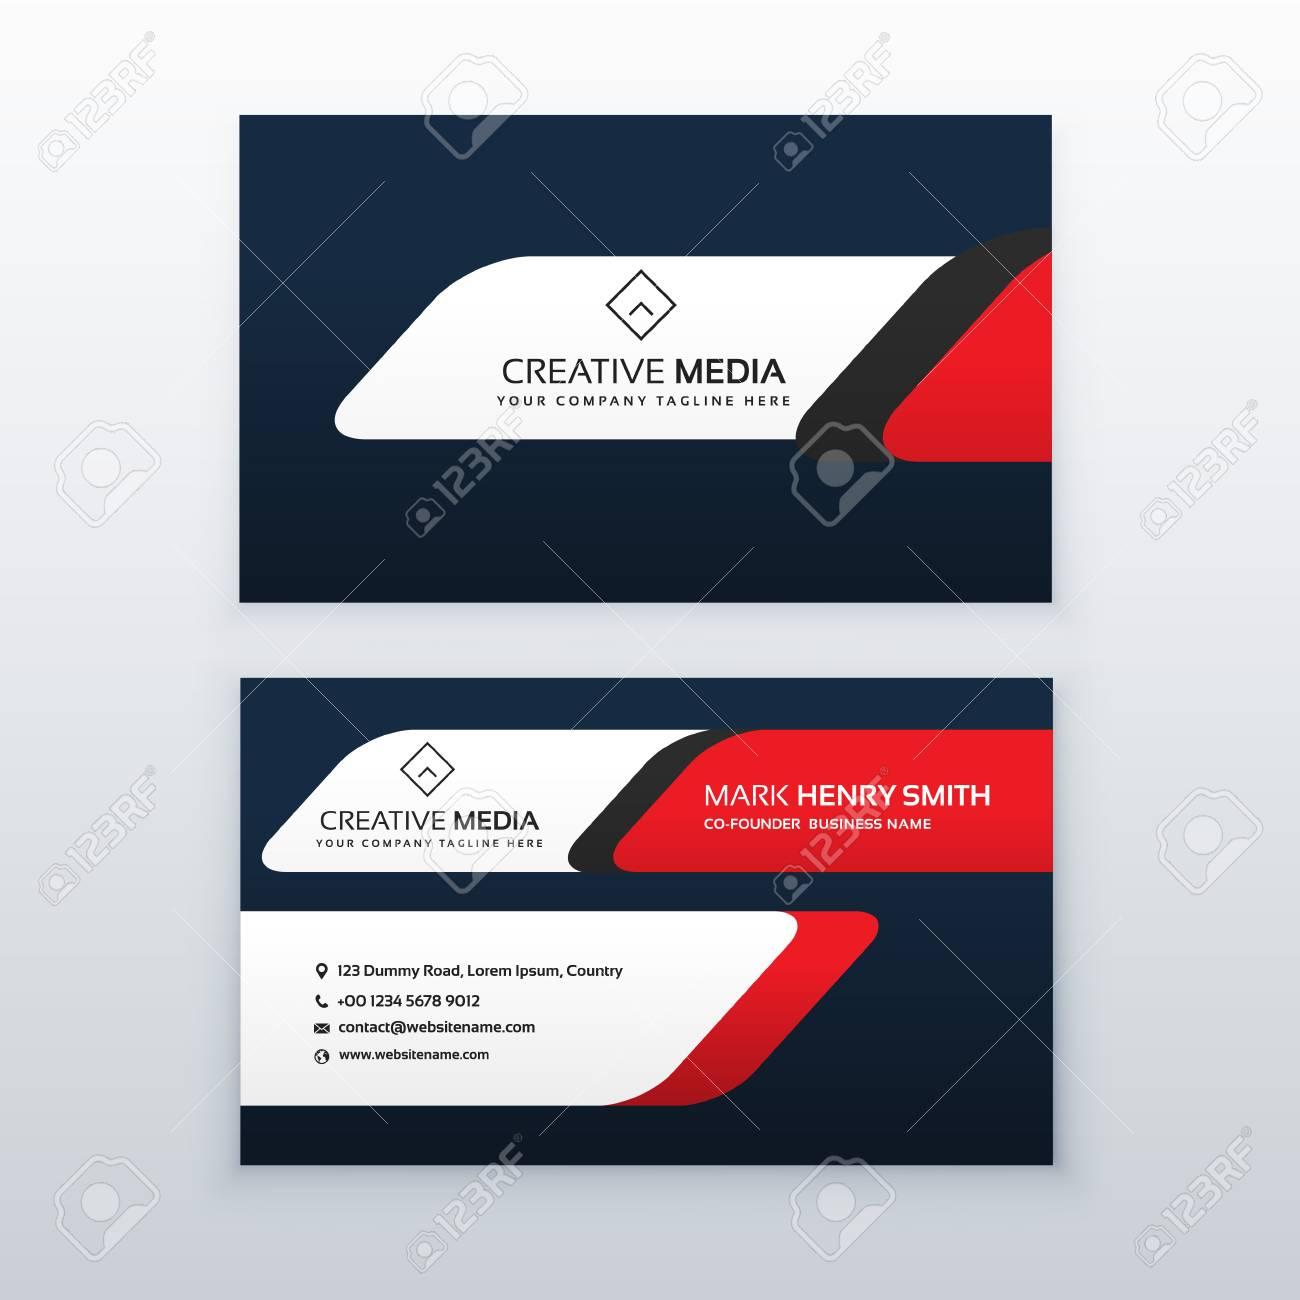 Plantilla De Diseño Profesional De Tarjetas De Visita En Color Rojo ...